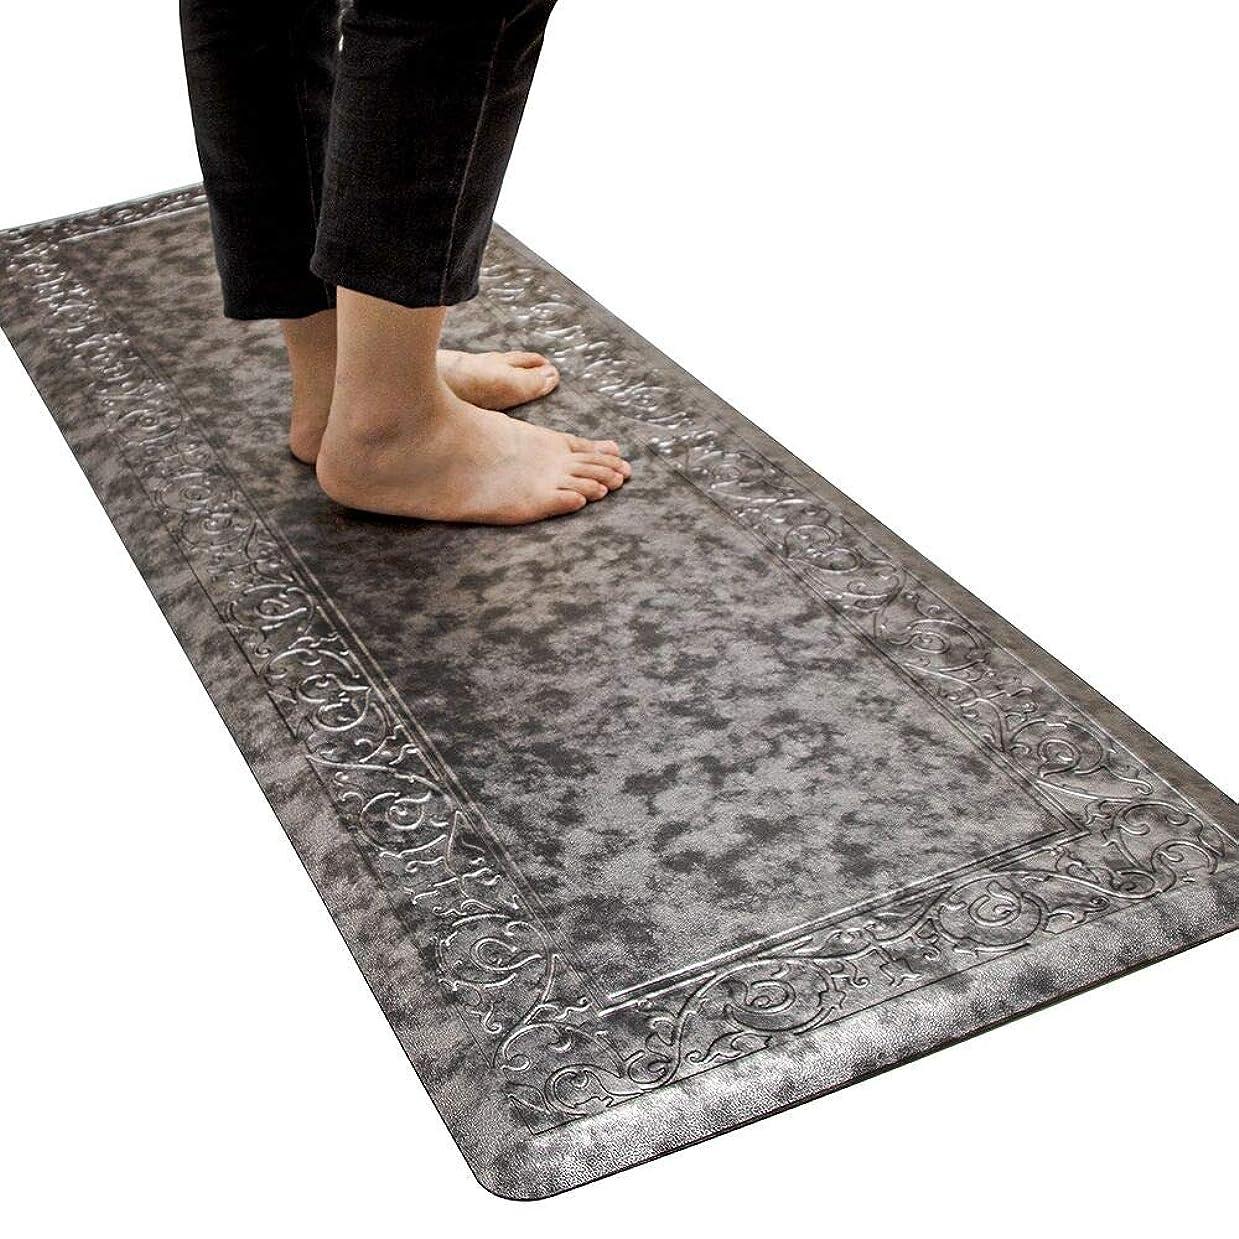 アベニューつらいドア拭けるマット心地よいクッション疲れにくい-51x152cm厚さ12mm 滑り止め付き- 台所、居間、 オフイス、玄関、廊下(シルバーブラック)